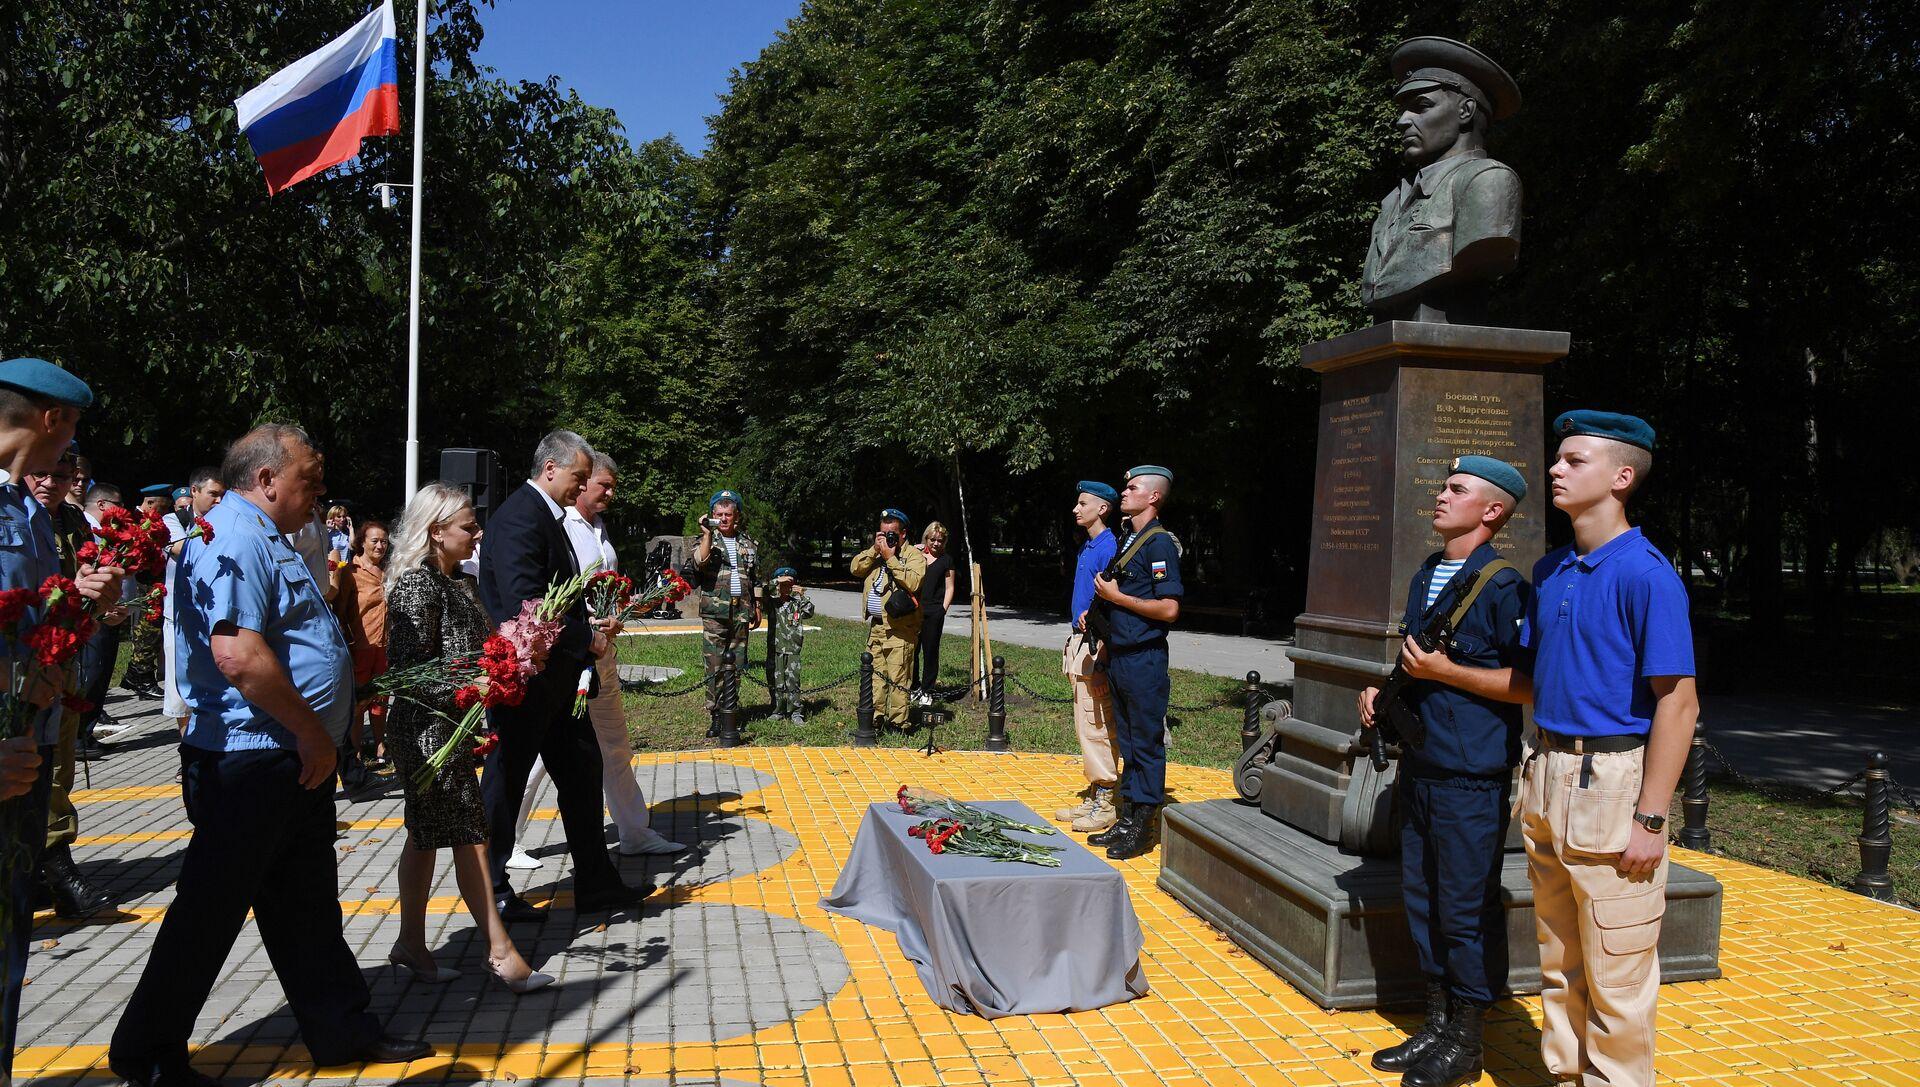 Празднование Дня ВДВ в Симферополе. 2 августа 2018 - РИА Новости, 1920, 02.08.2018